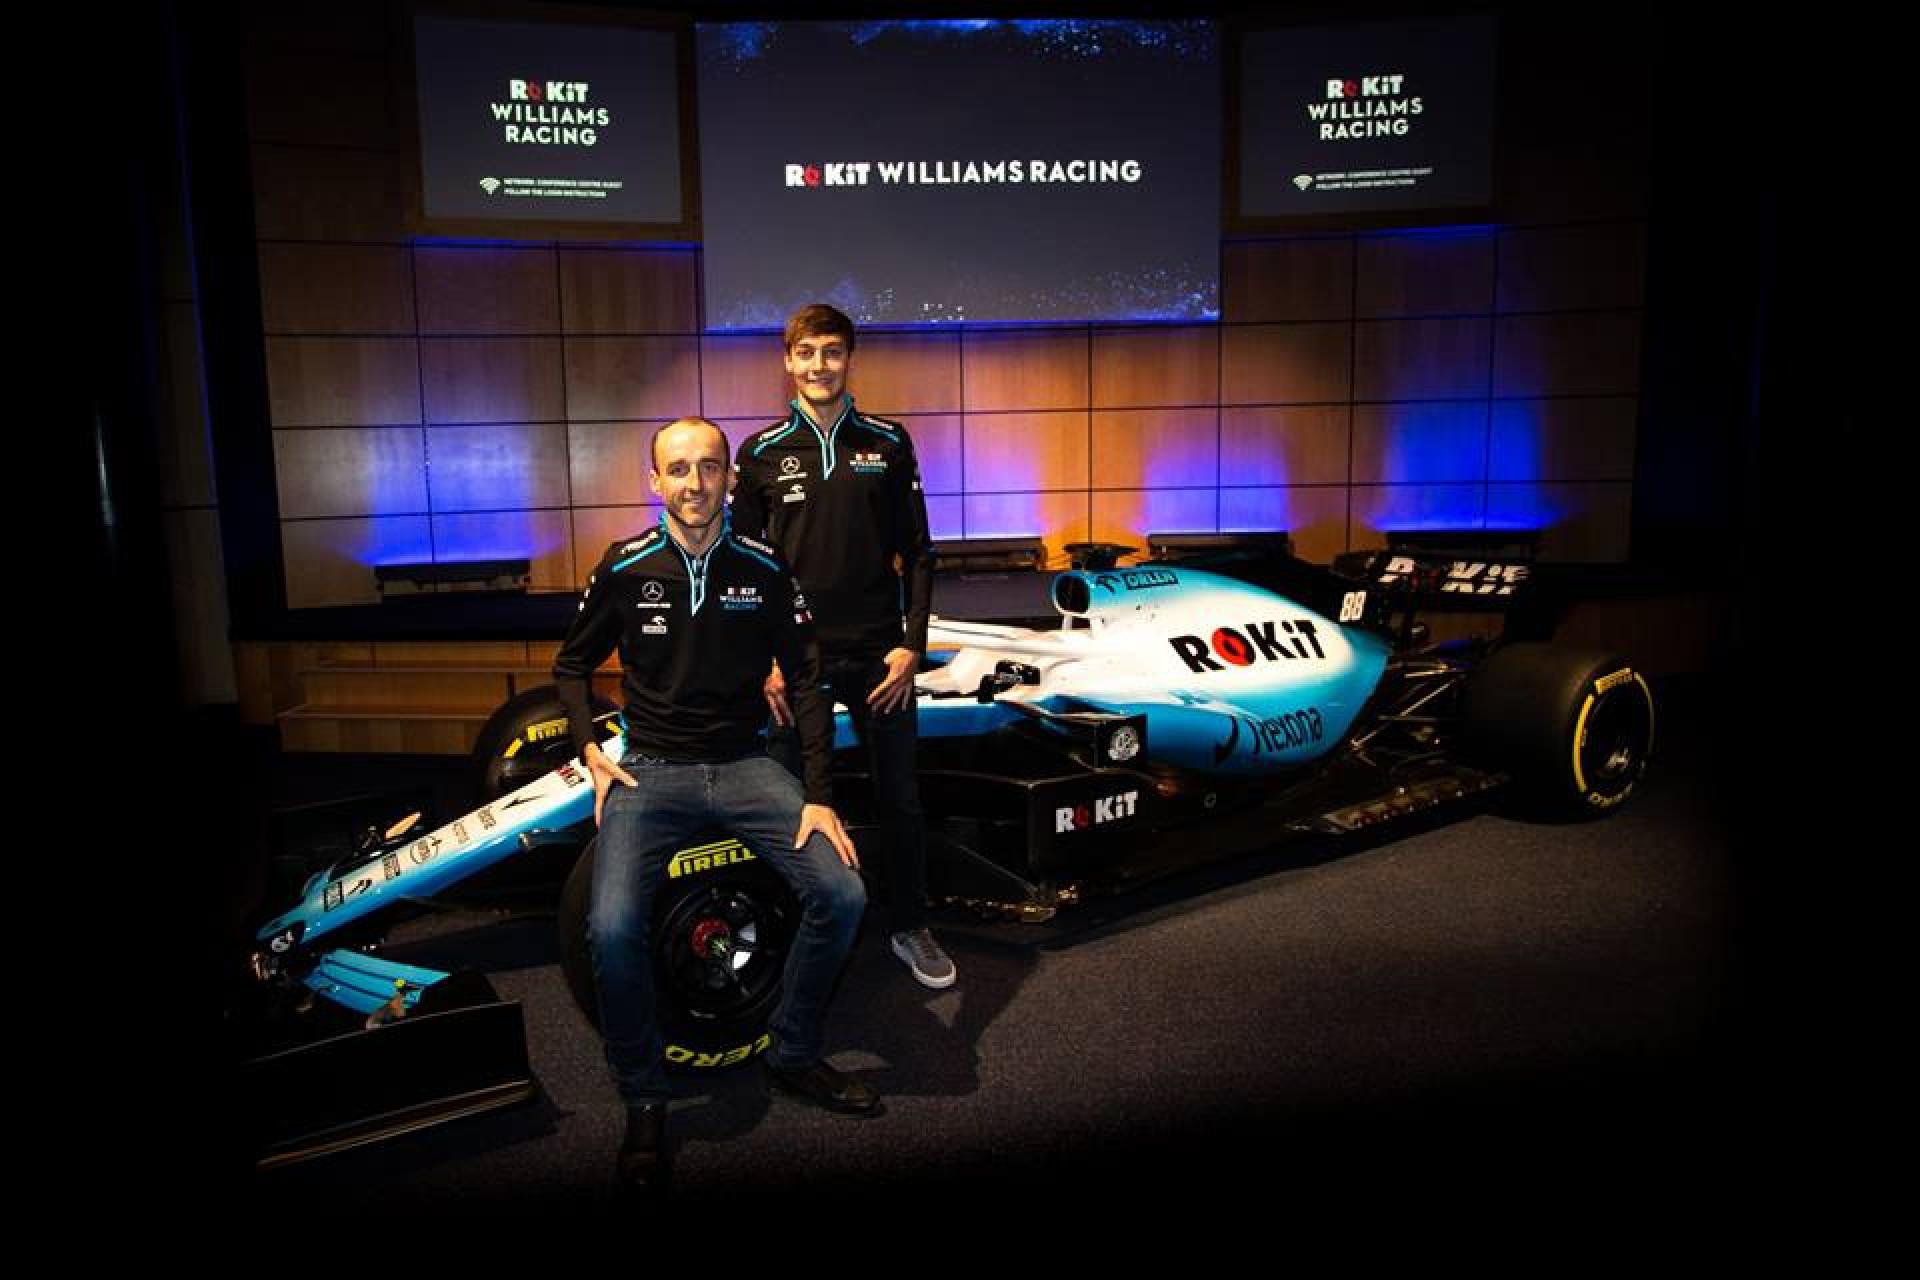 Oficial: Os primeiros monolugares revelados para o Mundial de Fórmula 1